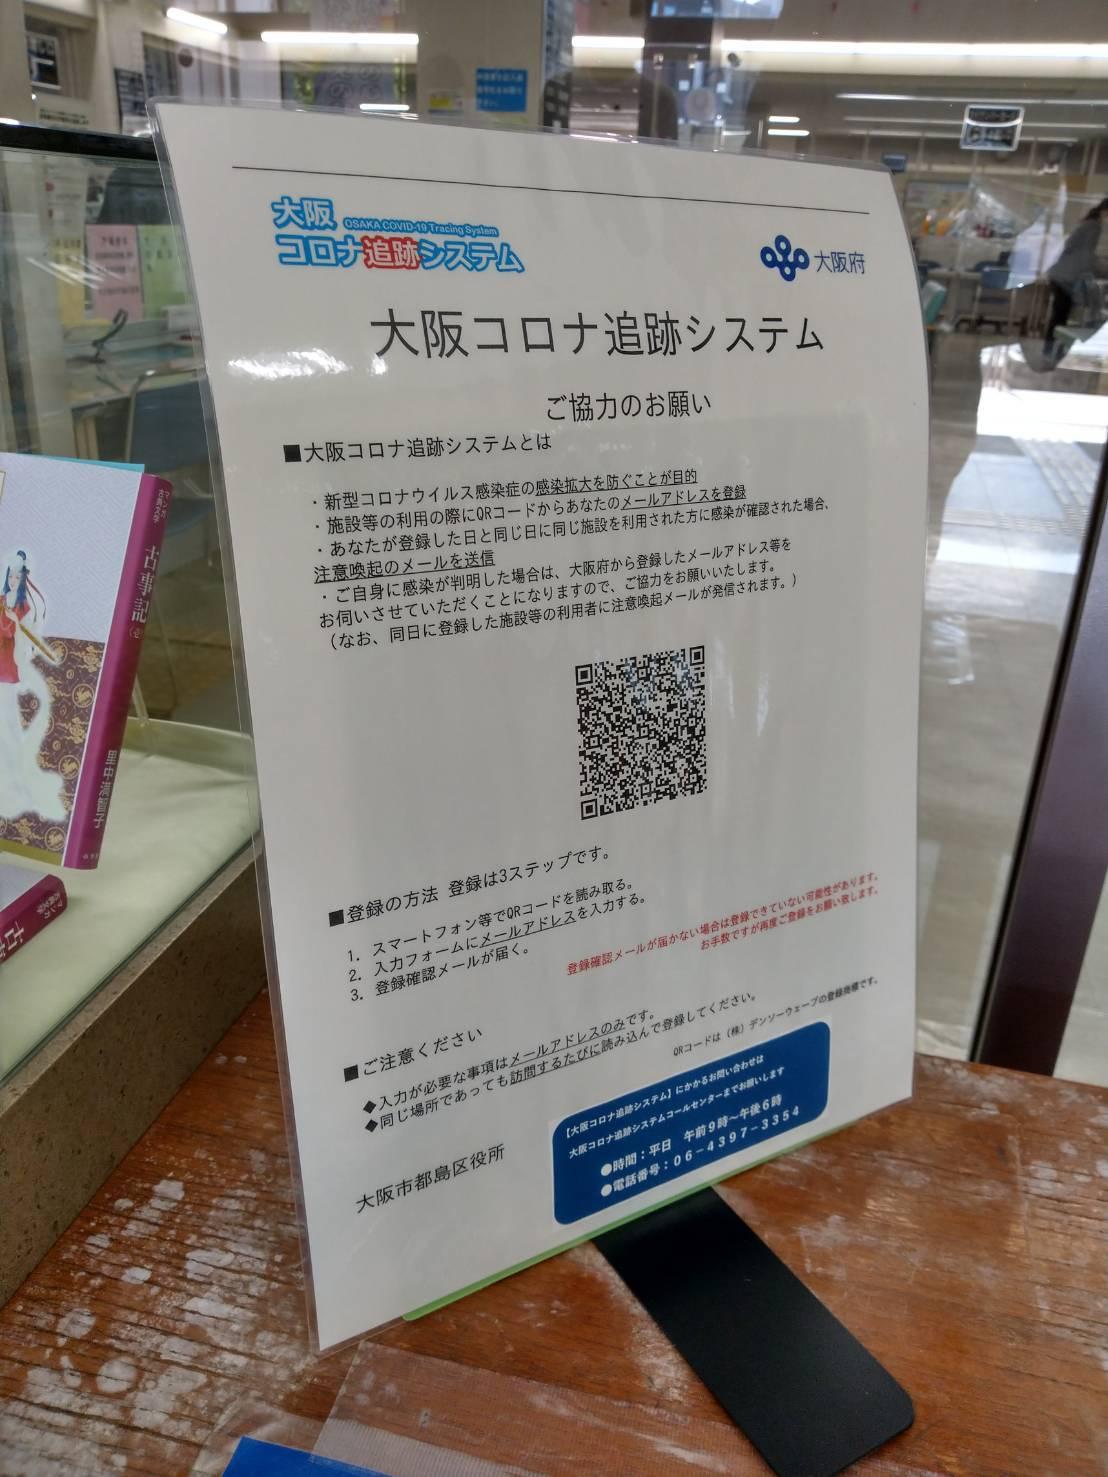 追跡 大阪 システム コロナ